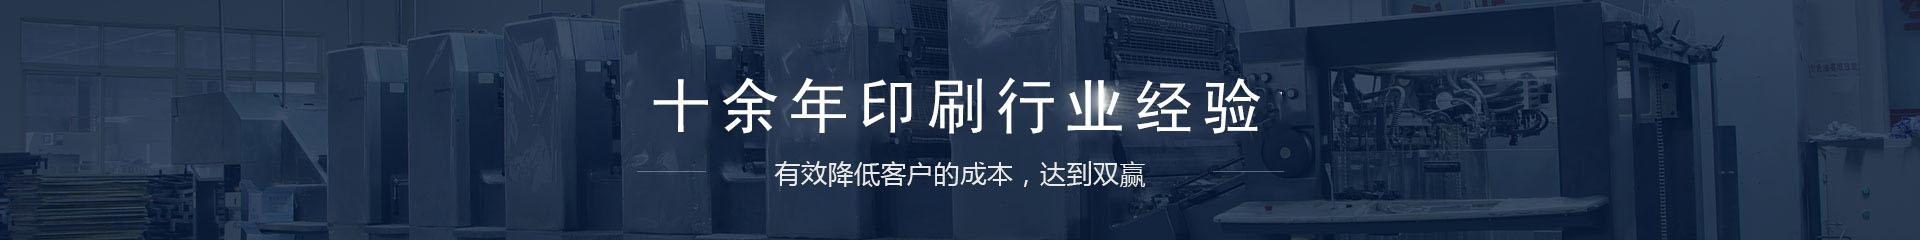 雷火电竞官网雷火电竞app下载官方版